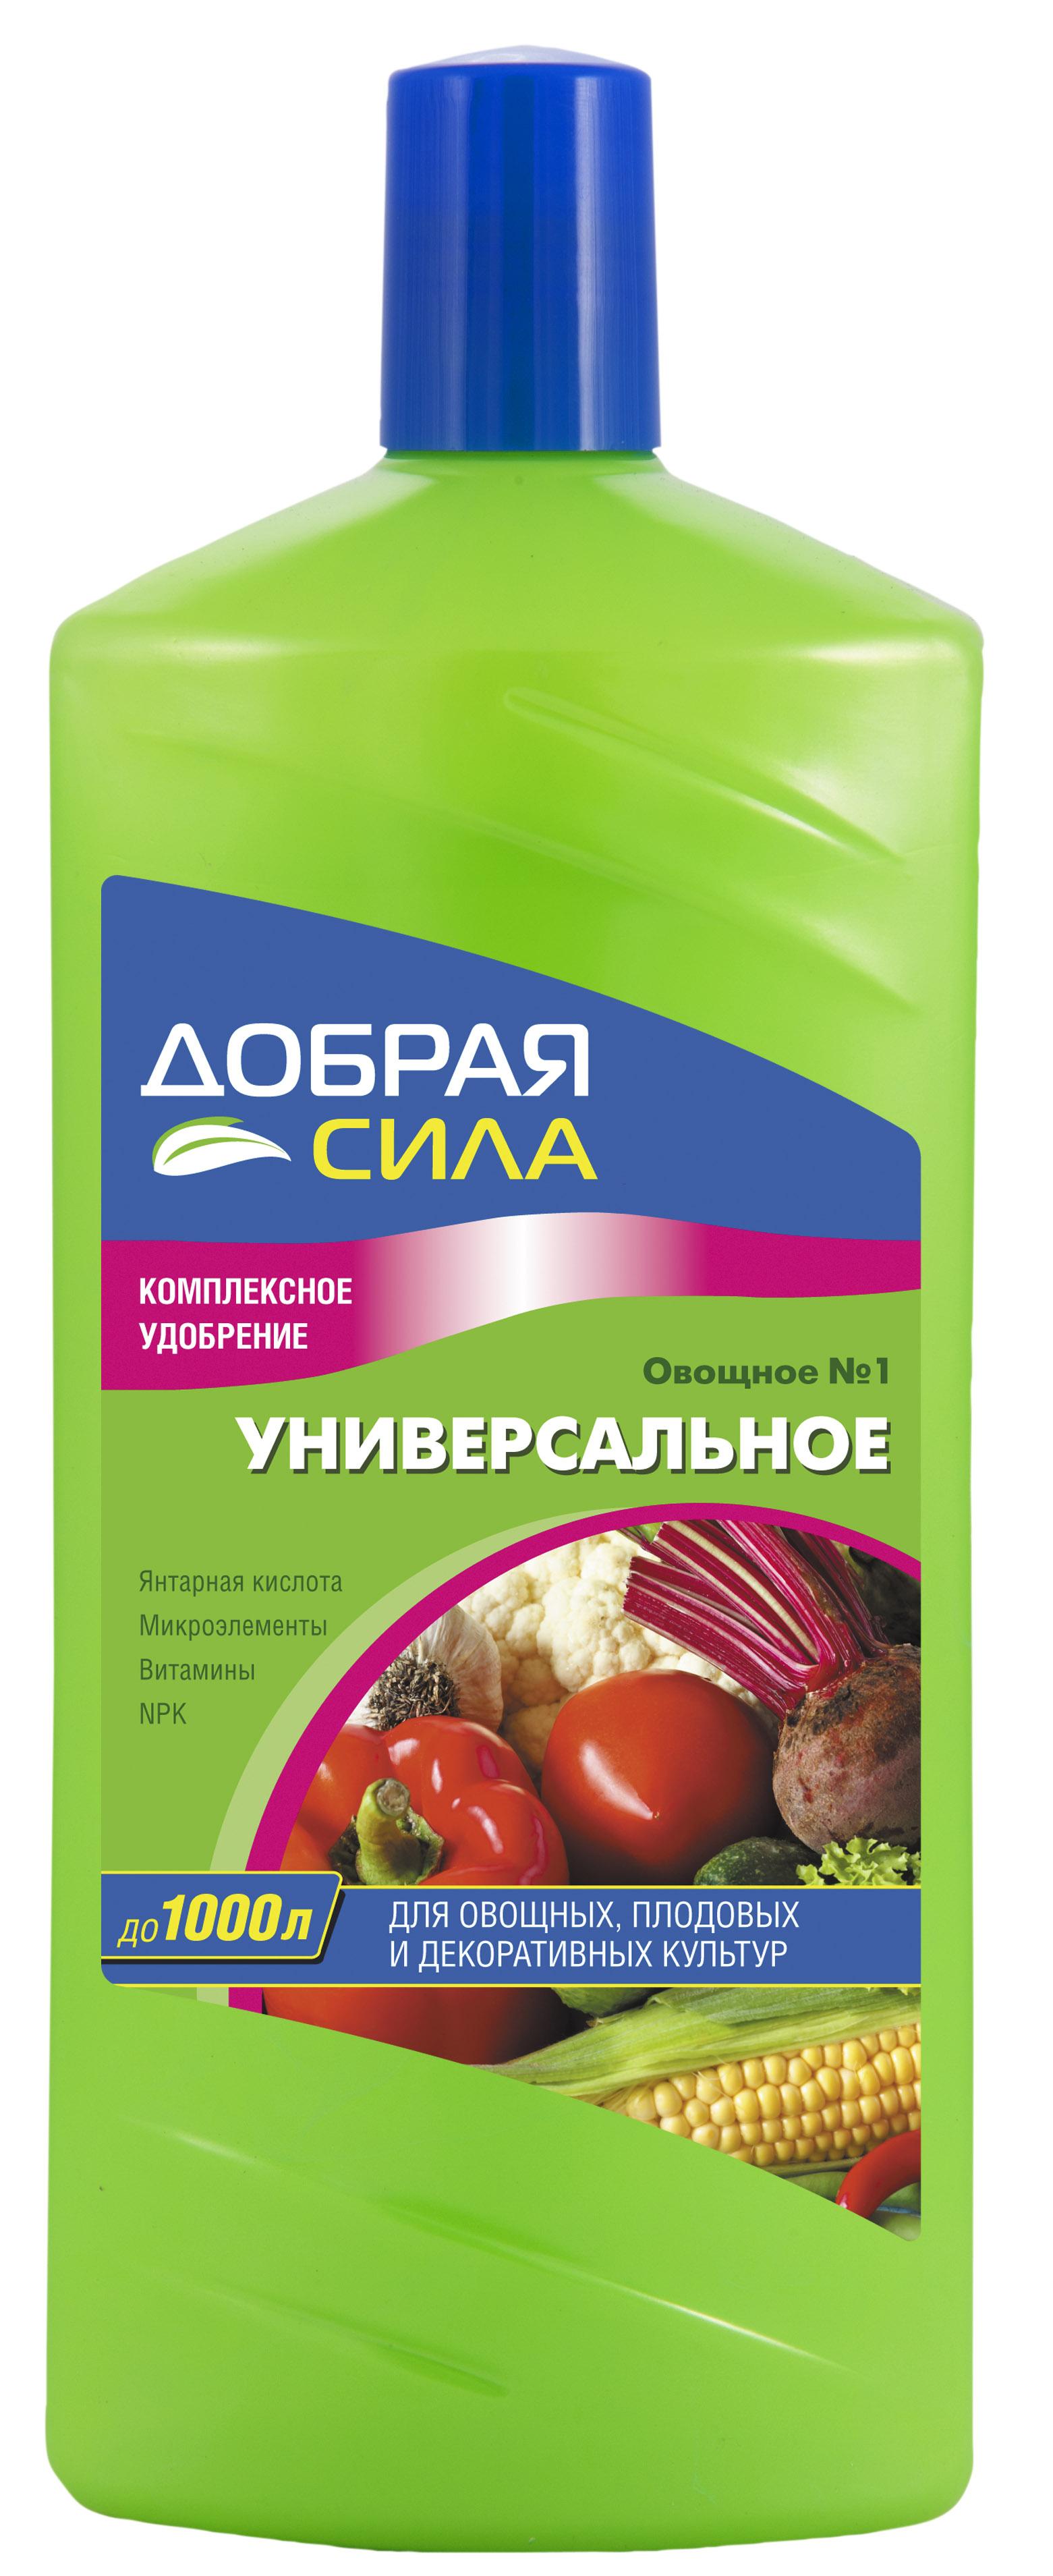 Жидкое комплексное удобрение Добрая Сила, универсальное, для овощных, плодовых и декоративных культур, 1 лDS-21-07-006-1Обеспечивает сбалансированное питание, стимулирует образование завязей, увеличивает урожай, оздоравливает корневую систему растений. Удобрение содержит полный комплекс веществ, необходимых для полноценного питания растений: -высокая доля (11 %) основных элементов (NPK), обеспечивающих усиленное питание для растений; Г-уминовые кислоты способствуют активизации роста растений и повышают стрессоустойчивость; -комплекс основных микроэлементов в хелатной форме способствует полному их усвоению и пролонгированному действию; -комплекс витаминов для поддержания и укрепления иммунной системы растений; -регулятор роста для стимулирования роста растений.